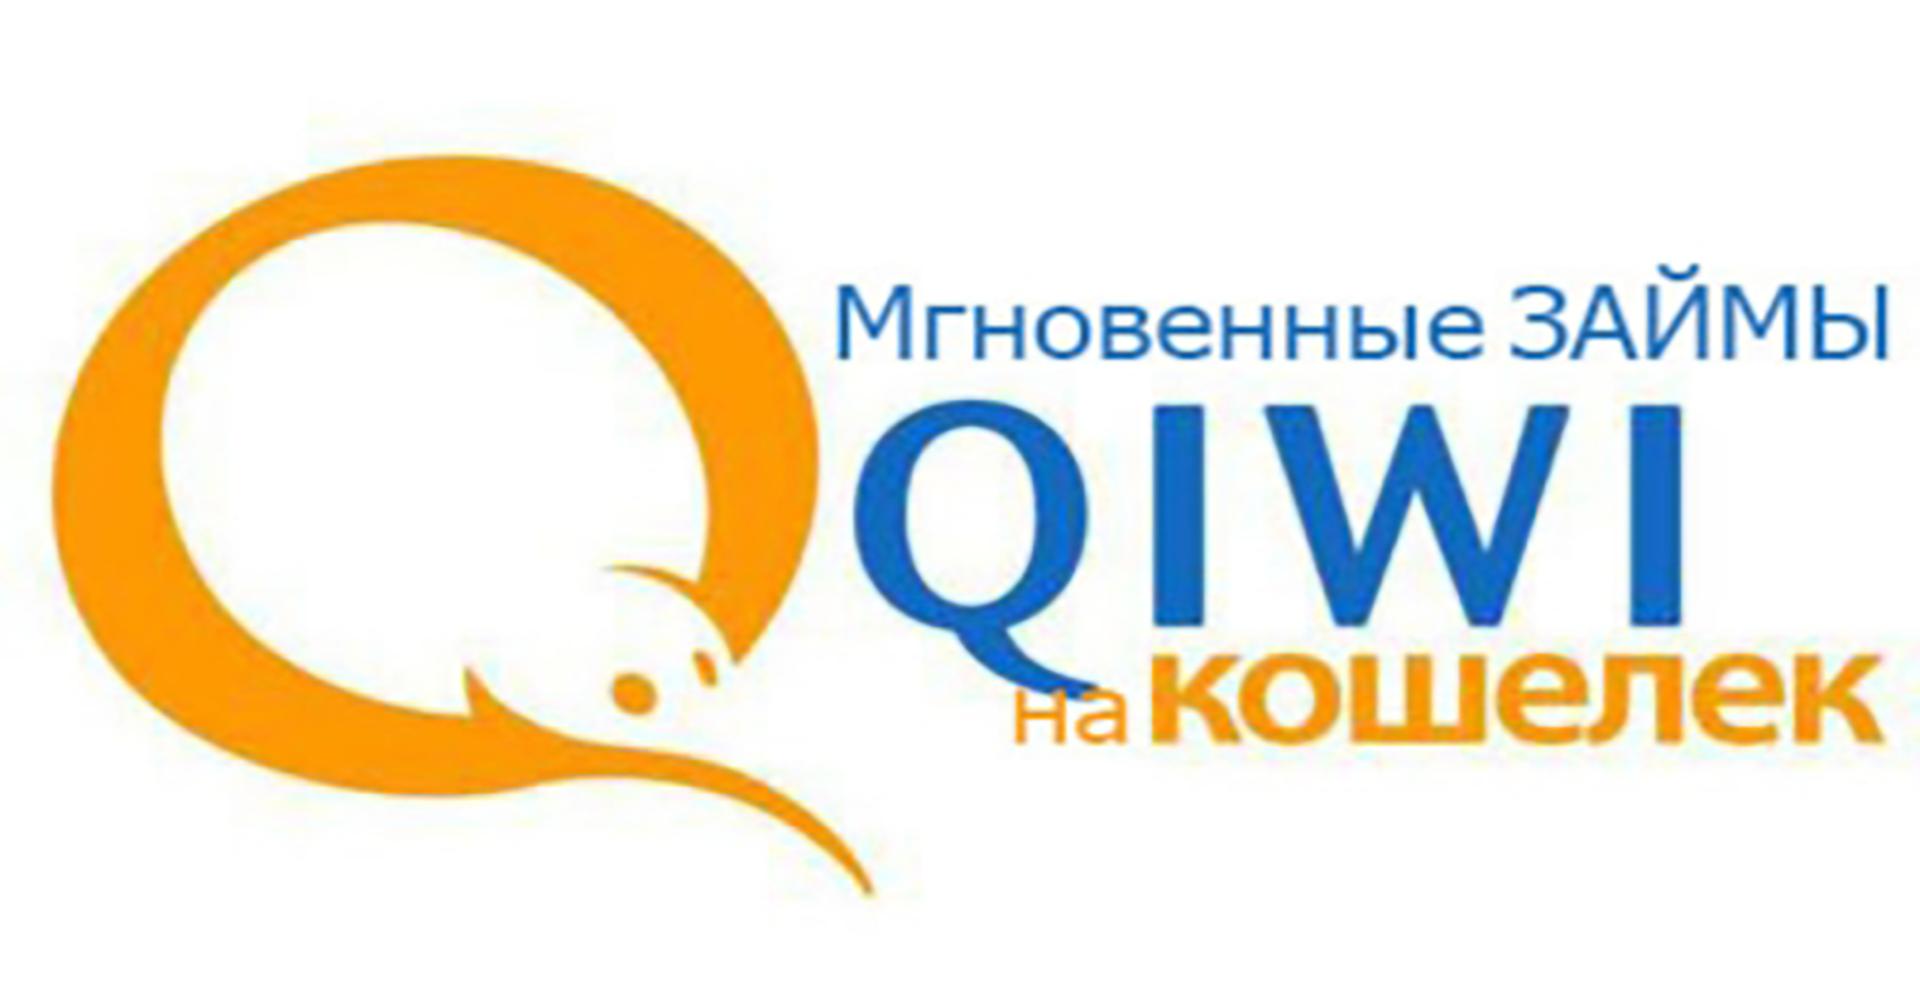 Получить кредит на кошелек qiwi получить кредит на 10000000